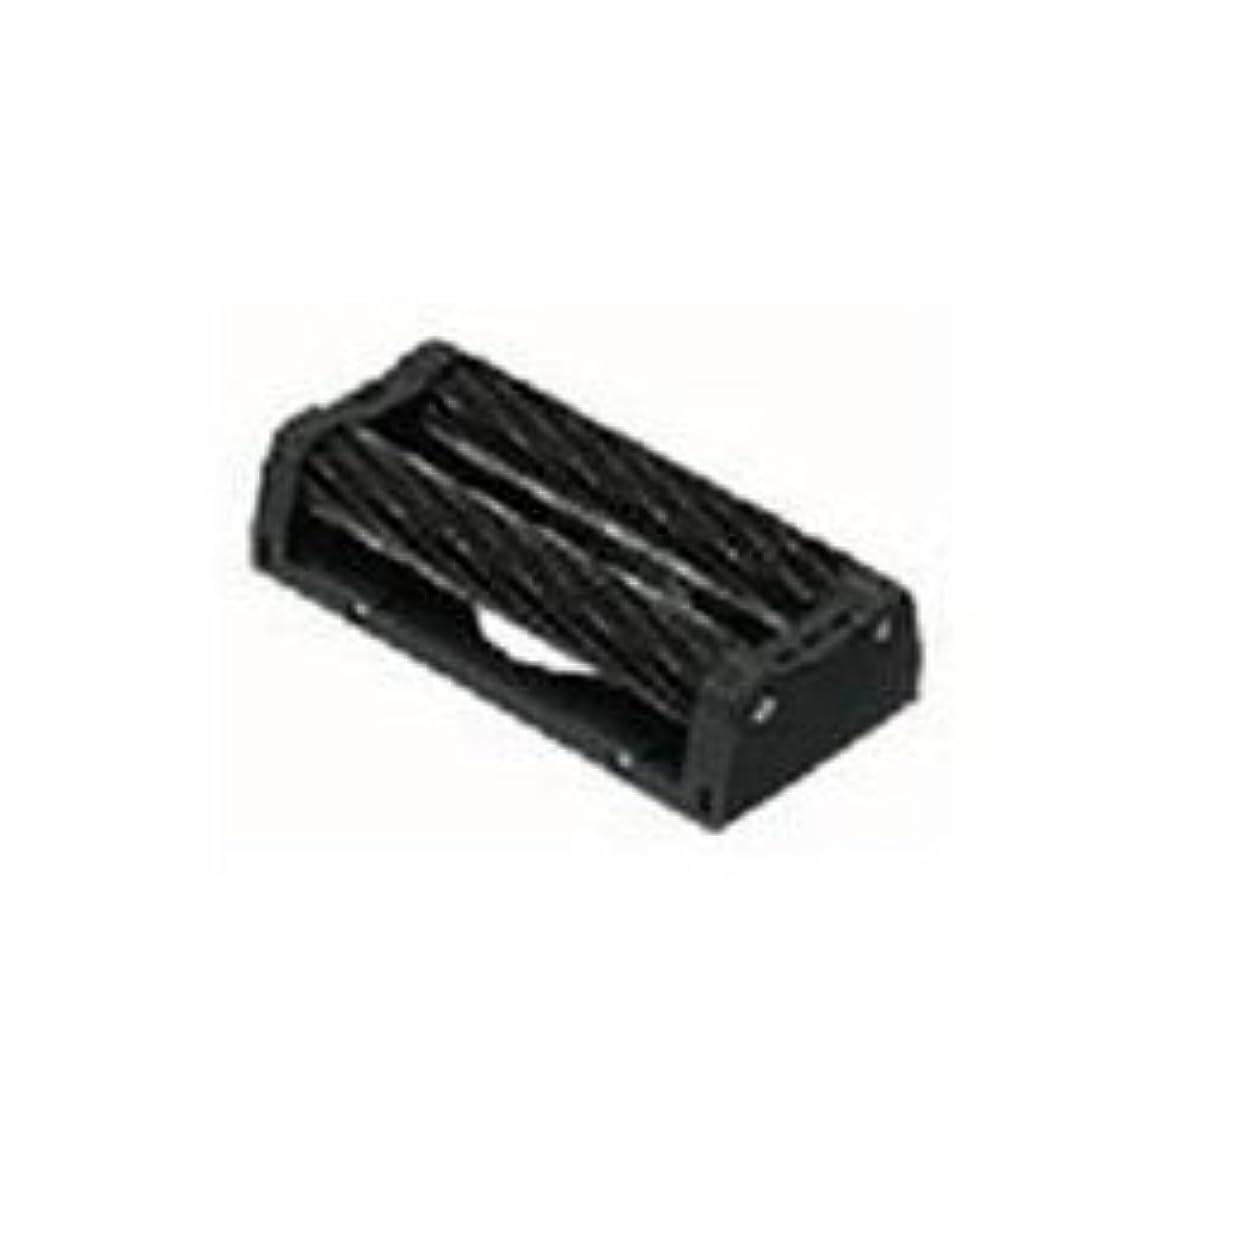 キャンドル泥沼屋内で日立 ロータリー式シェーバー替刃(内刃) K-TX9U